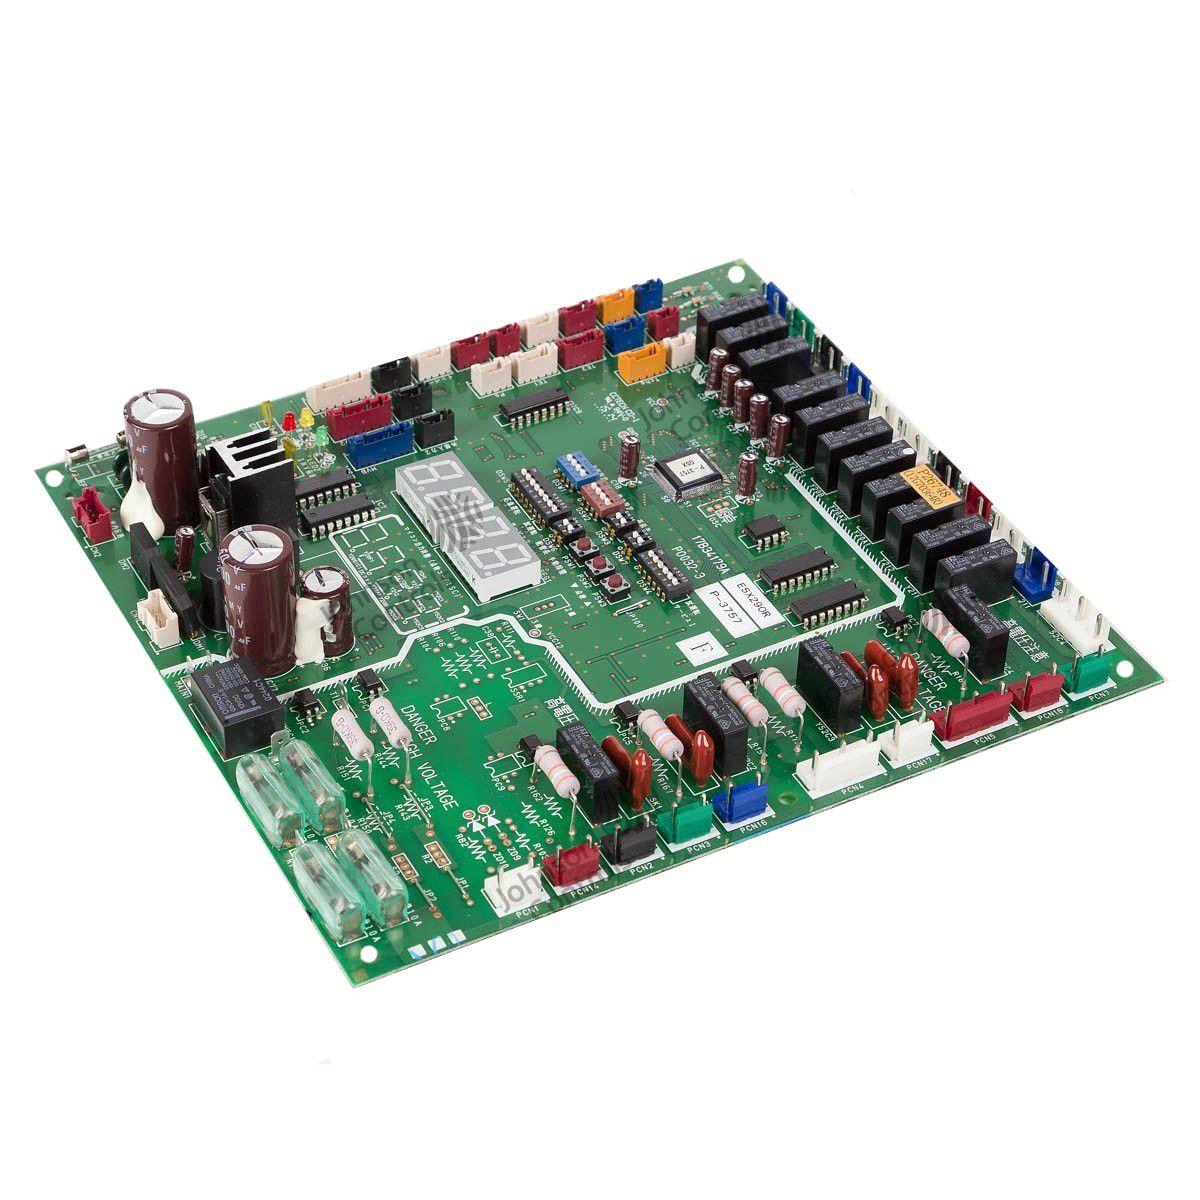 Placa Eletrônica de Circuito Hitachi PCB1 17G70364R